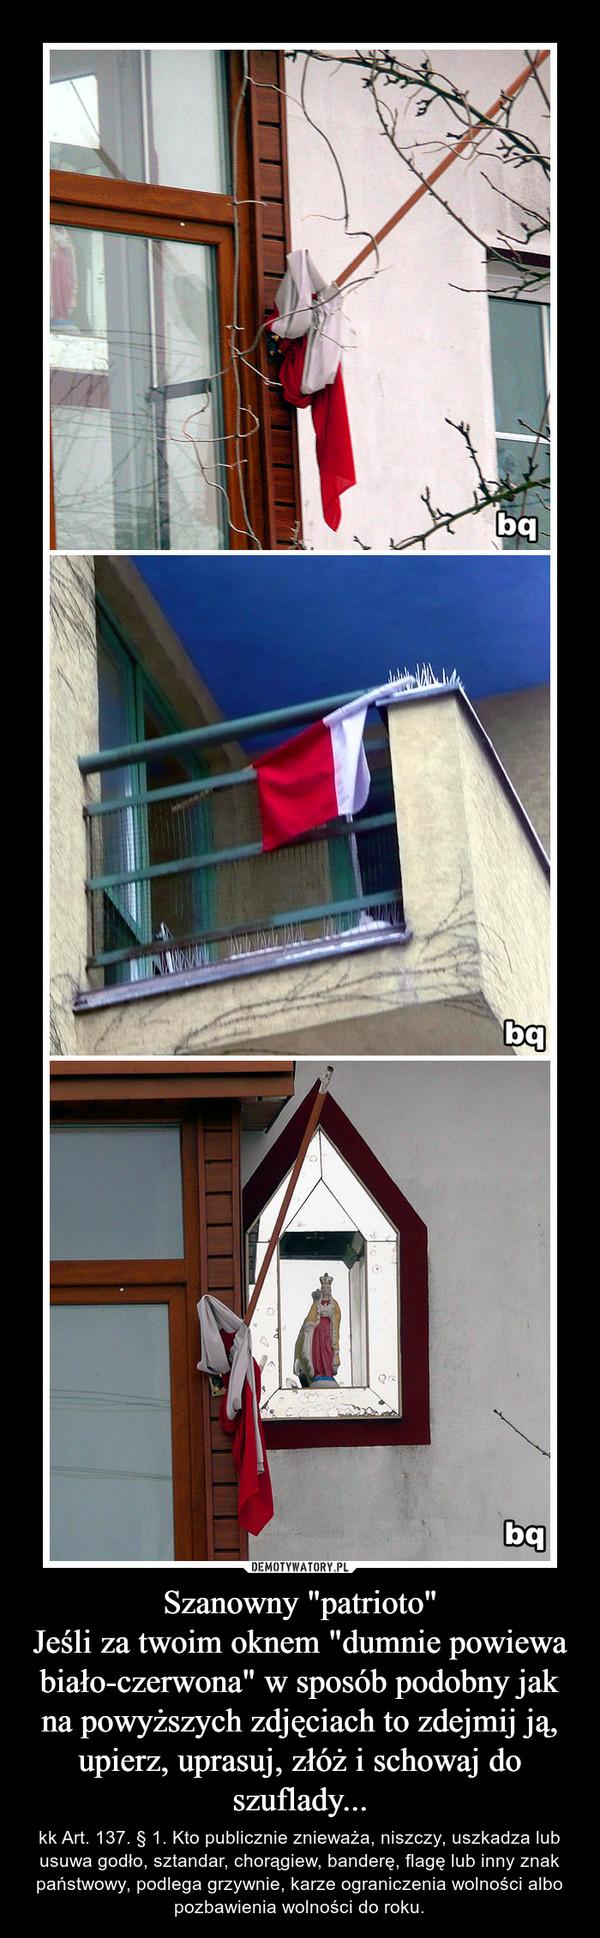 """Szanowny """"patrioto""""Jeśli za twoim oknem """"dumnie powiewa biało-czerwona"""" w sposób podobny jak na powyższych zdjęciach to zdejmij ją, upierz, uprasuj, złóż i schowaj do szuflady... – kk Art. 137. § 1. Kto publicznie znieważa, niszczy, uszkadza lub usuwa godło, sztandar, chorągiew, banderę, flagę lub inny znak państwowy, podlega grzywnie, karze ograniczenia wolności albo pozbawienia wolności do roku."""